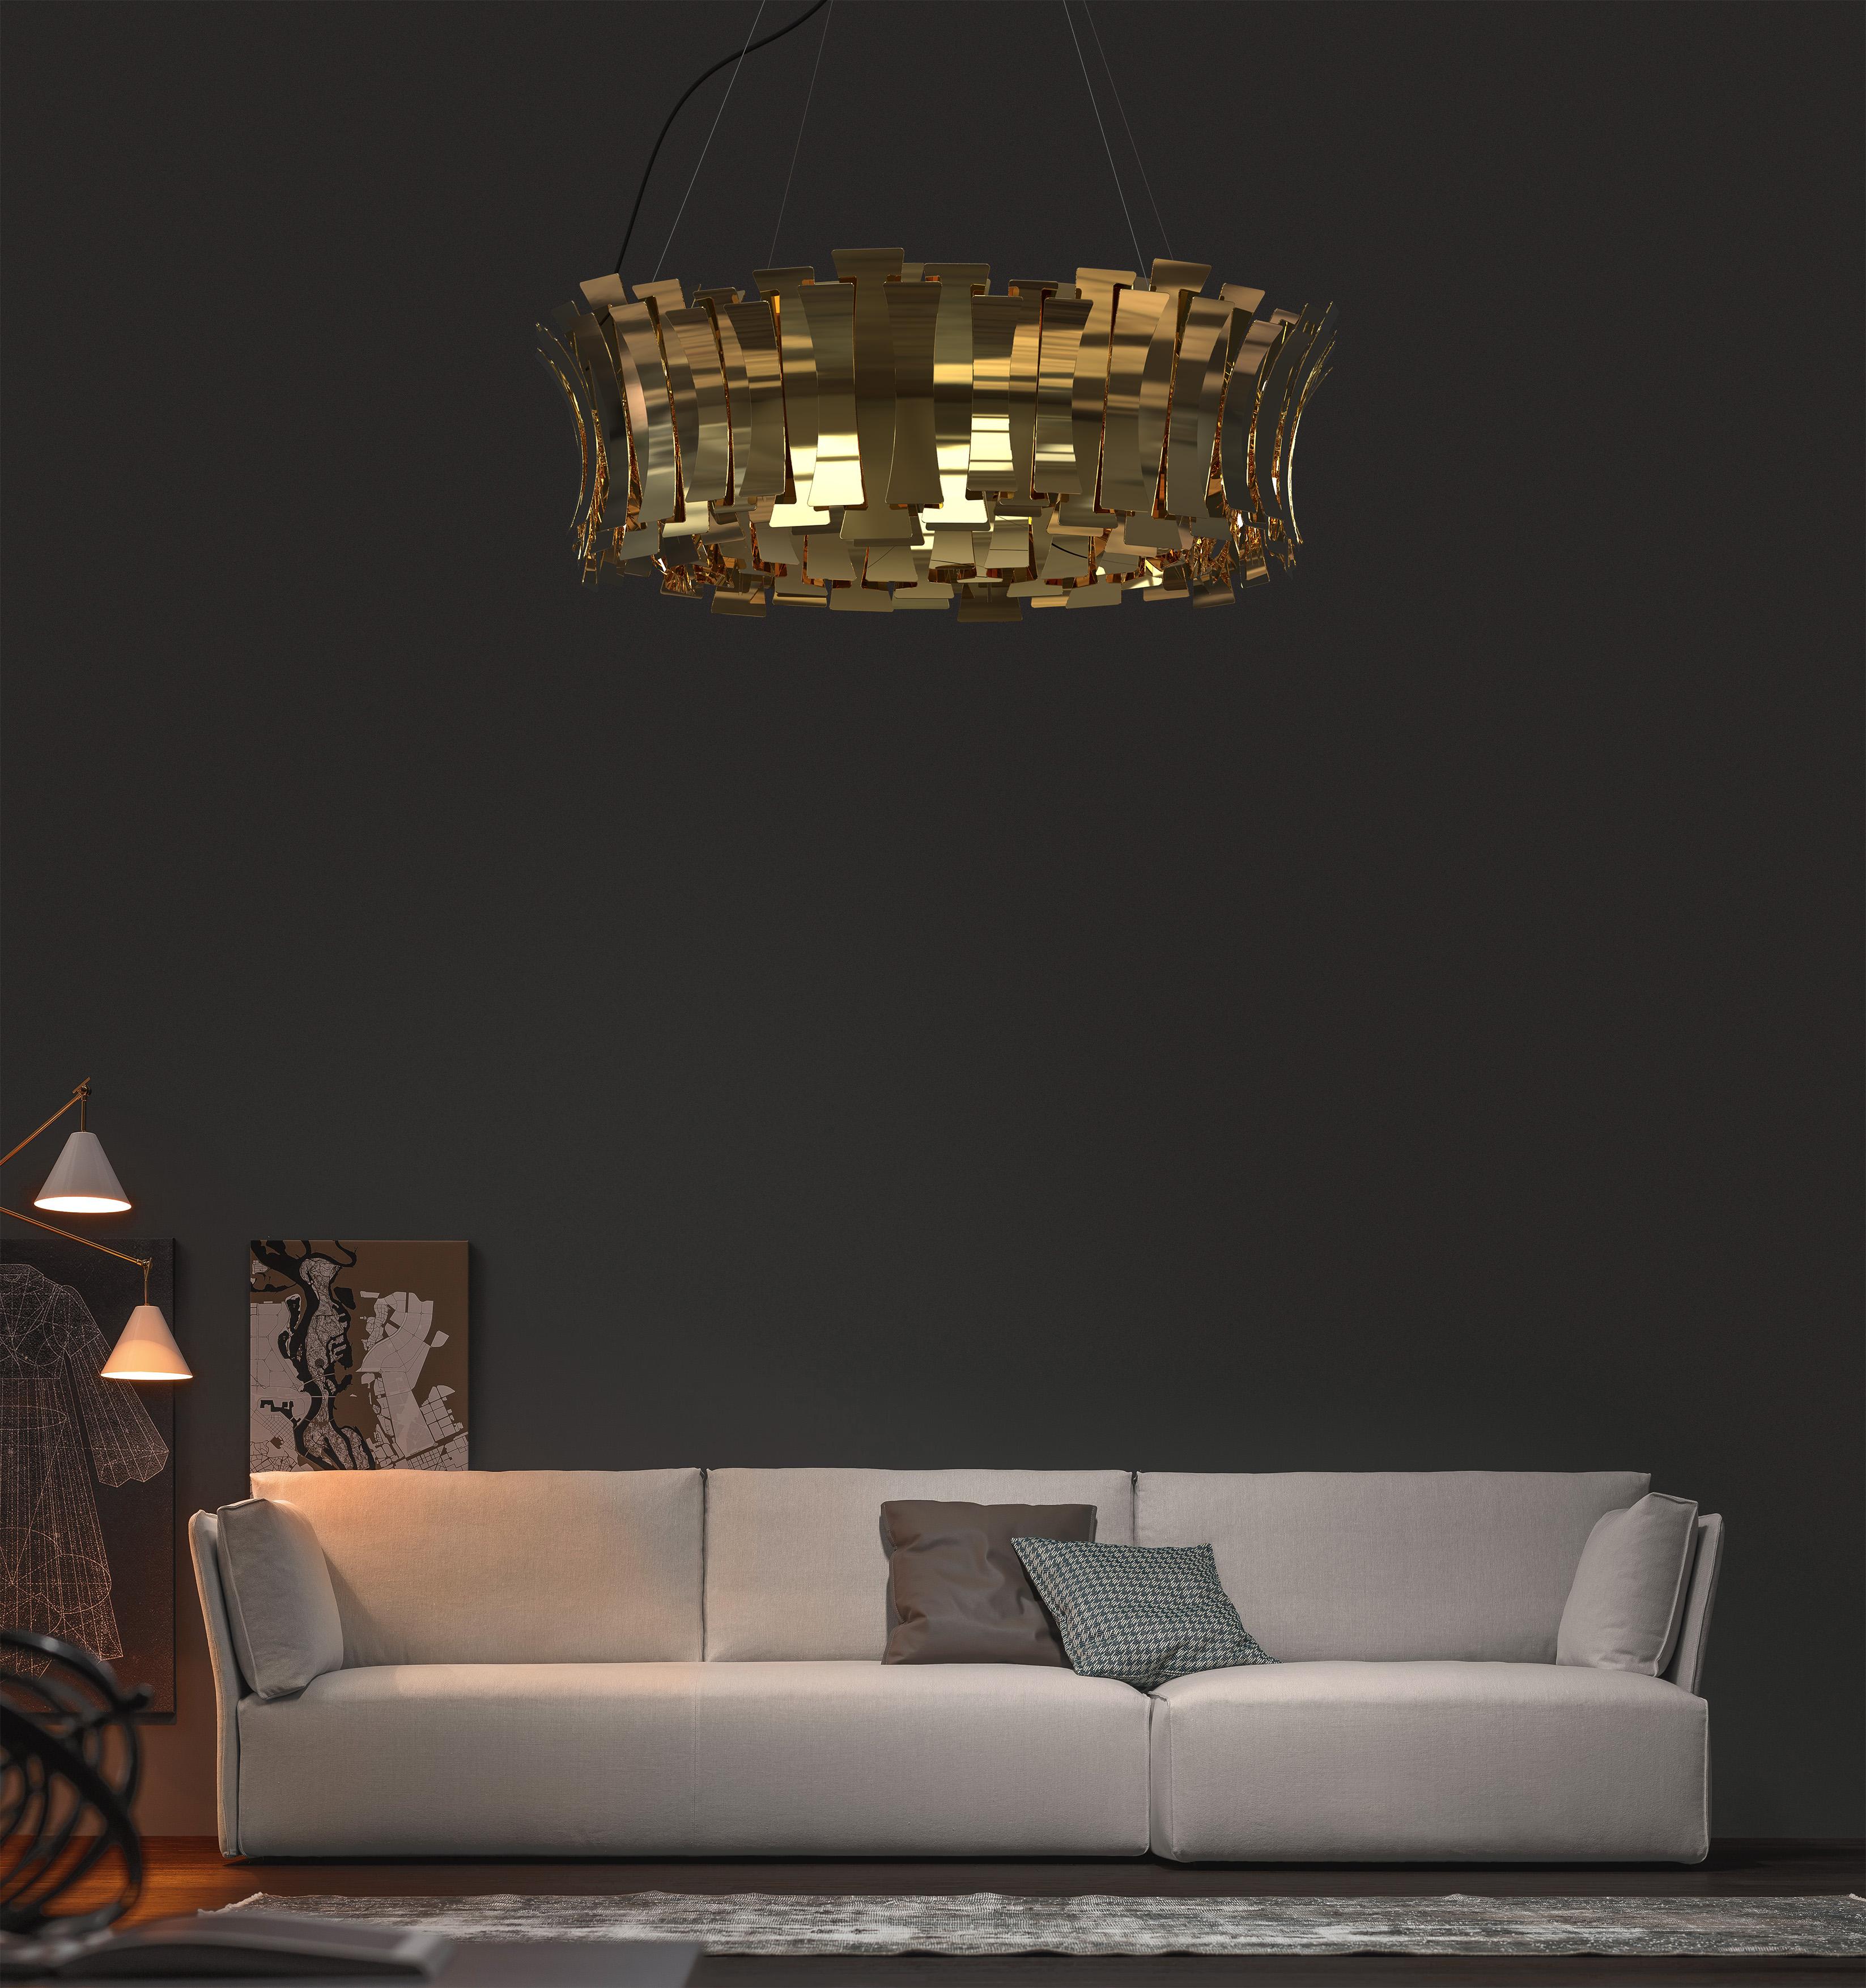 etta round lamp round lamp Etta Round lamp: a new retro chic glow by Delightfull  AFC00E524353C5F07E43EF24BA0E4998E5221F3C9BDE0A0CE7 pimgpsh fullsize distr